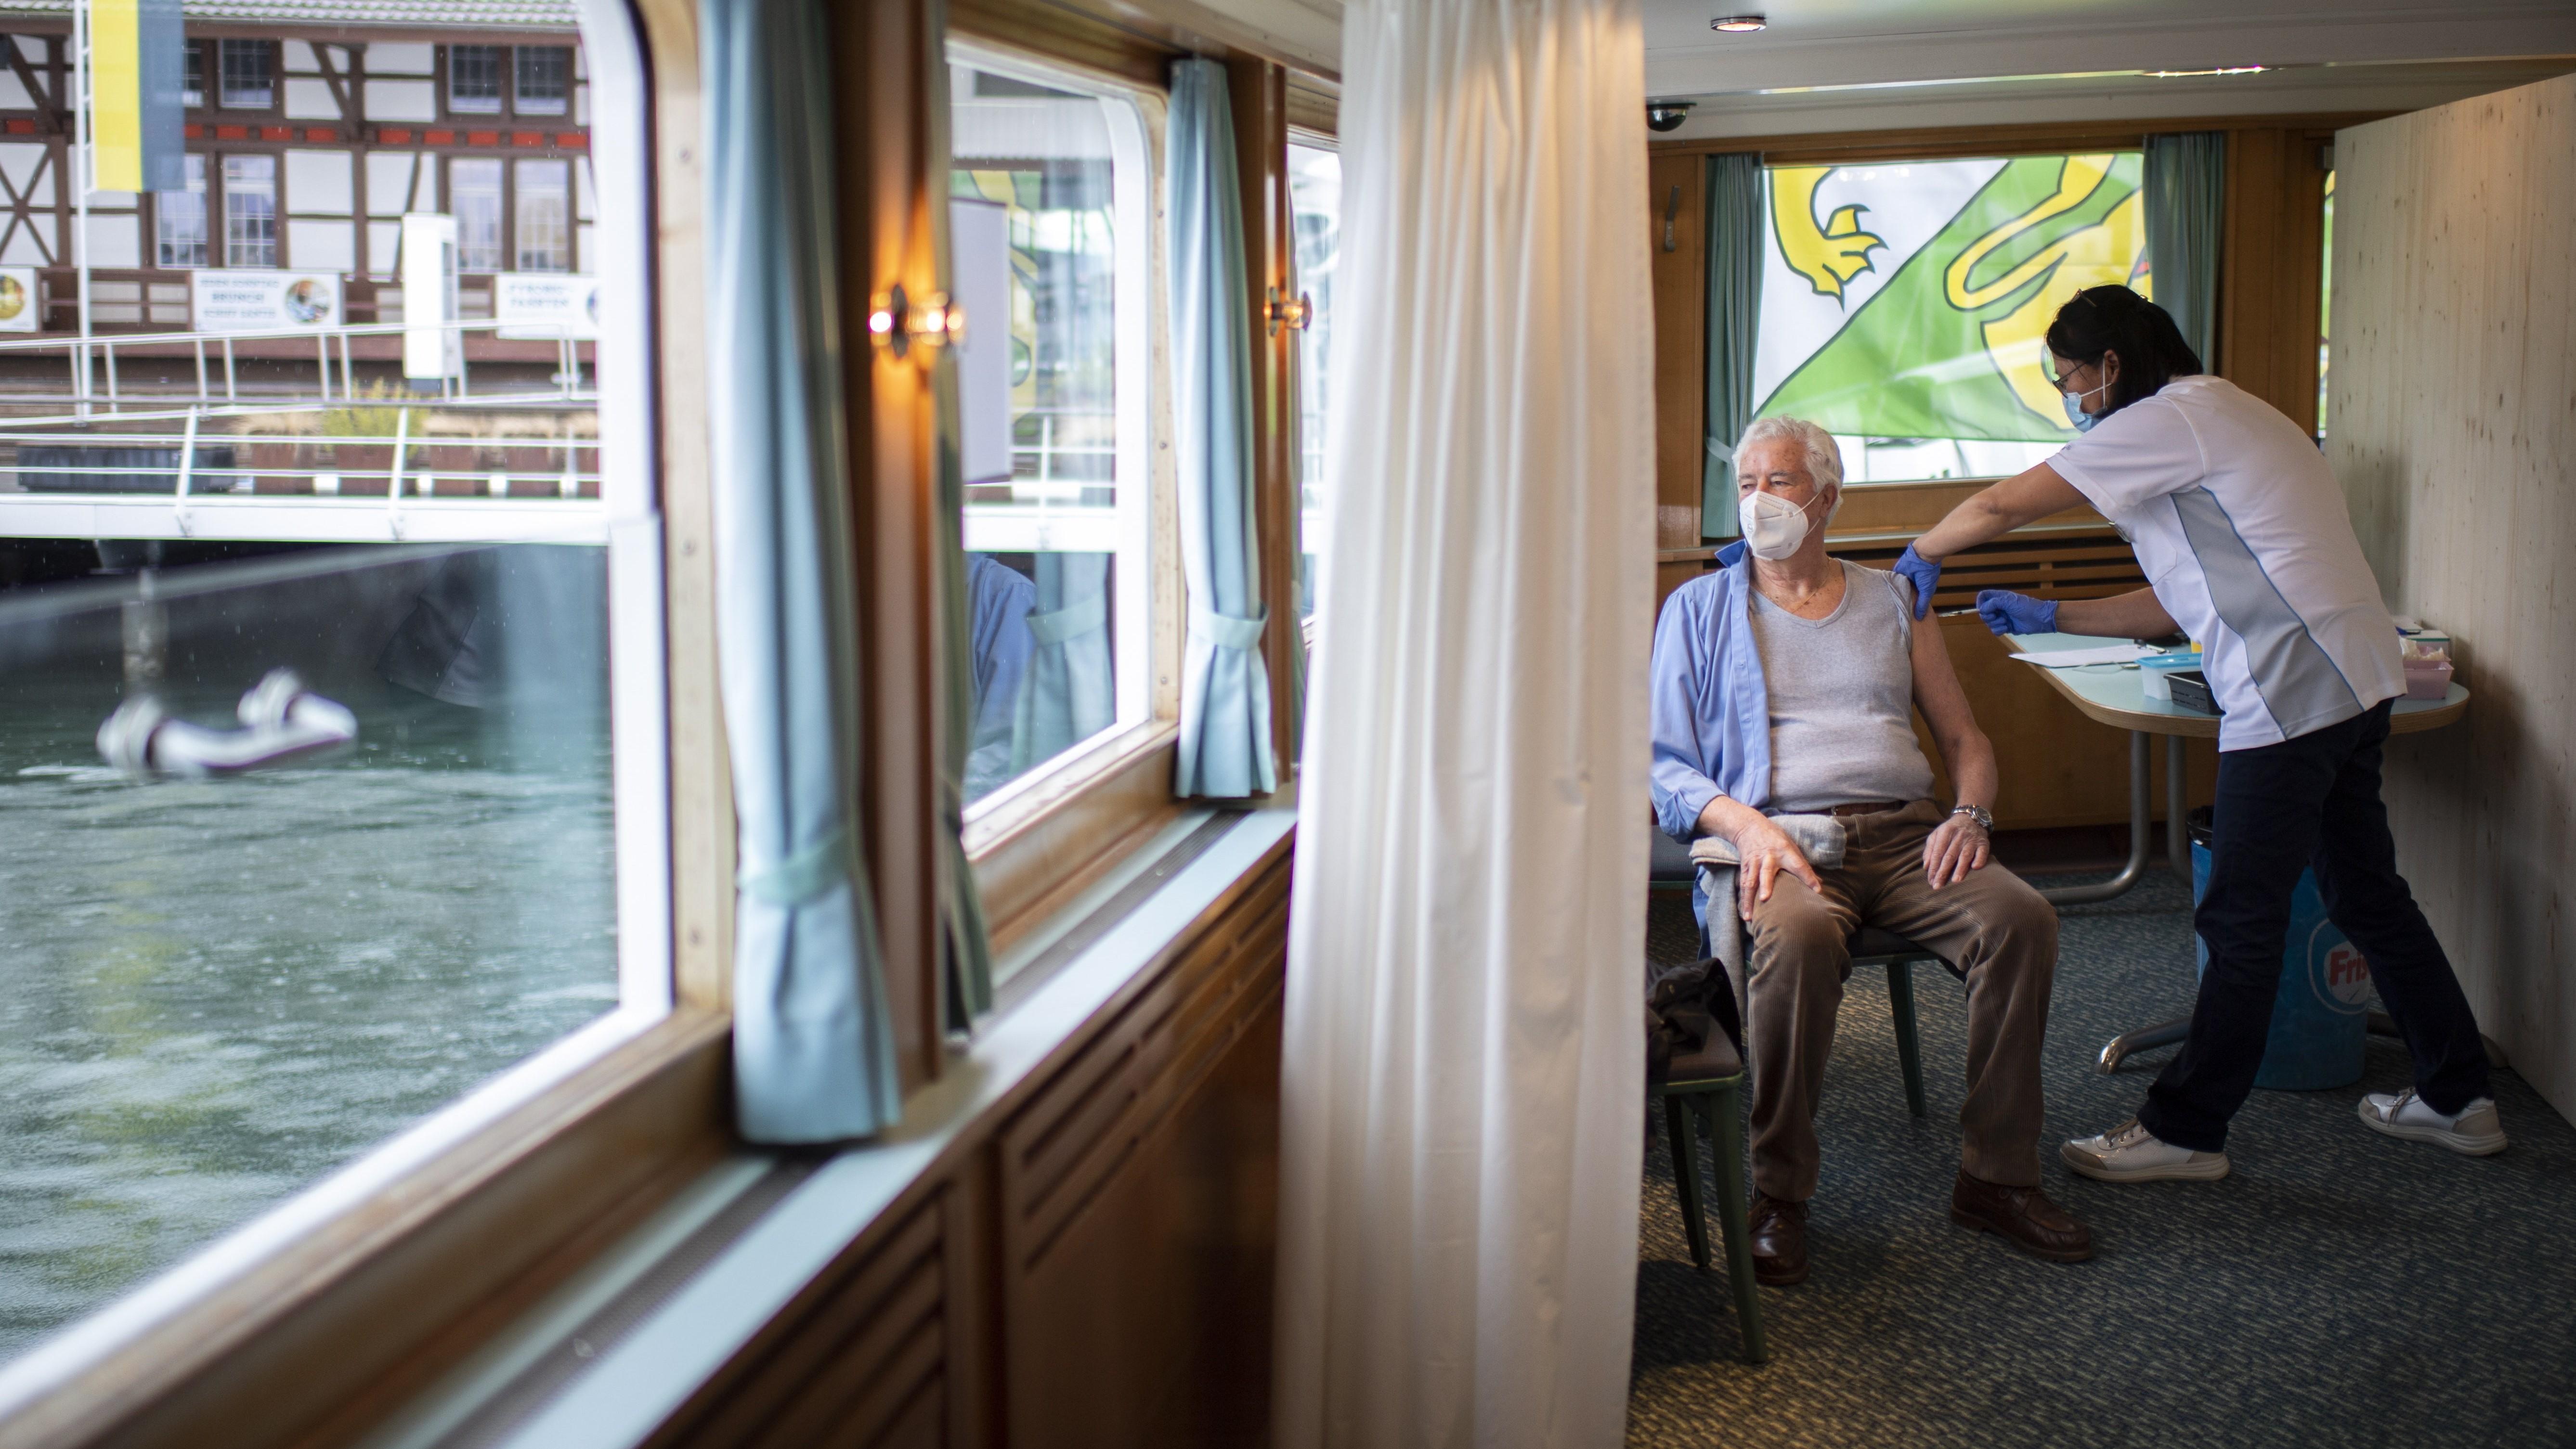 A 82 éves Valerio Amatit beoltják az új koronavírus ellen a Boden-tavon közlekedő MS Thurgau hajón Romanshornban 2021. február 2-án. Ezen a napon kezdte meg működését mozgó oltóközpontként a hajó, amelynek fedélzetén naponta akár 170 embert is beolthatnak az új koronavírus ellen három part menti svájci településen, Kreuzlingenben, Romanshornban és Arbonban.